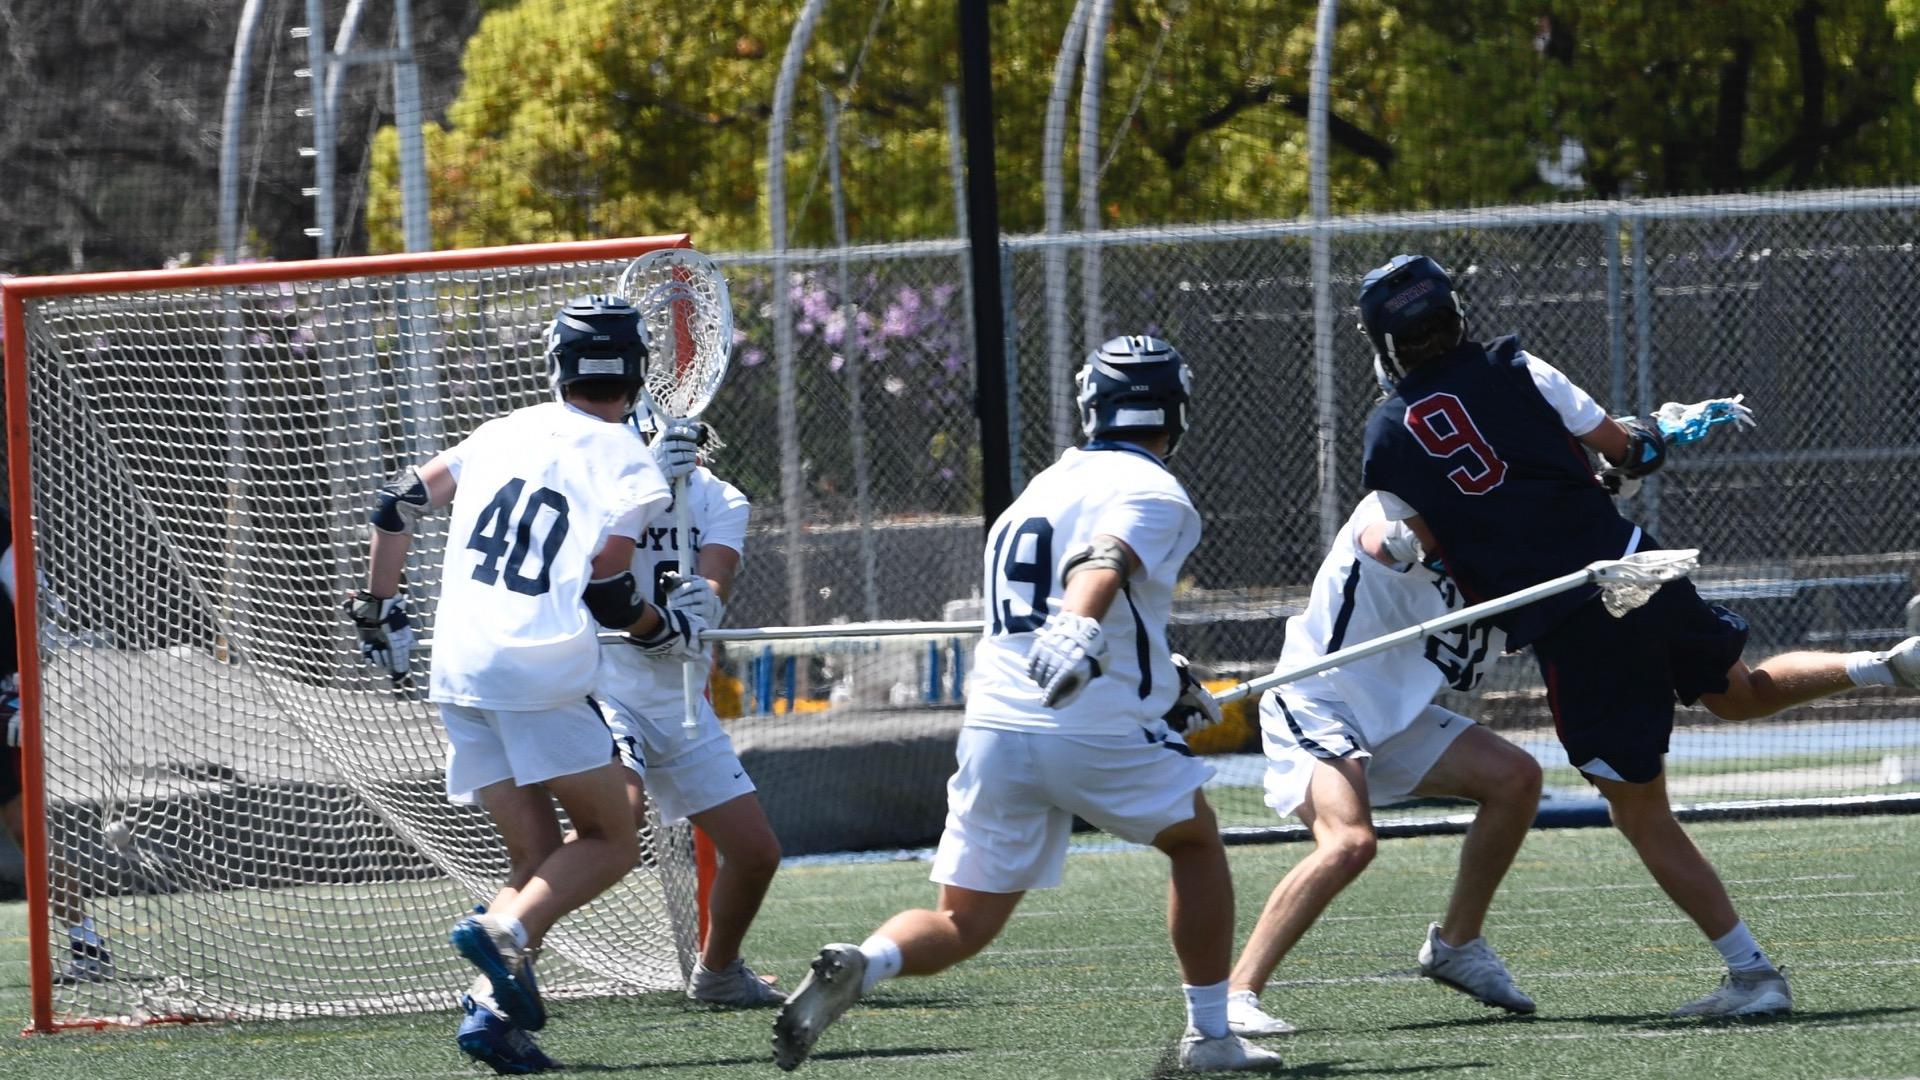 Matt Groeninger. St. Margaret's boys lacrosse